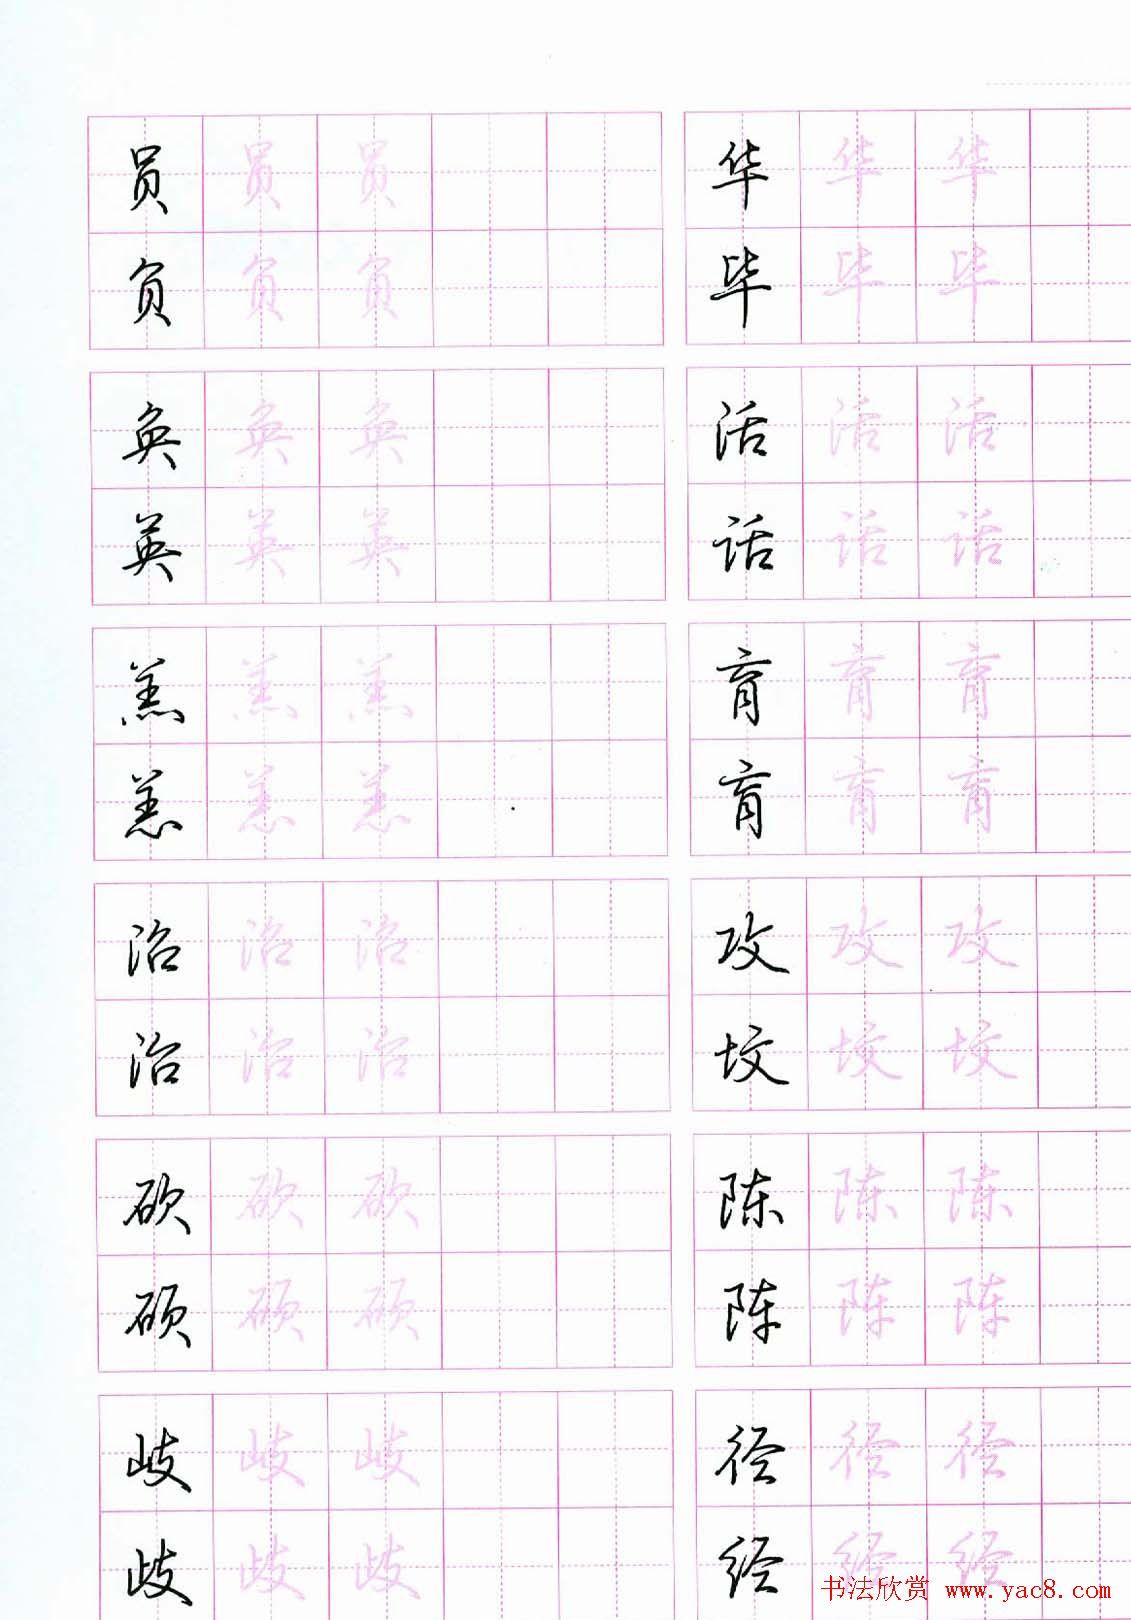 你还可以看看王羲之的《兰亭序》.现代硬笔书法哪个的行书好看?图片